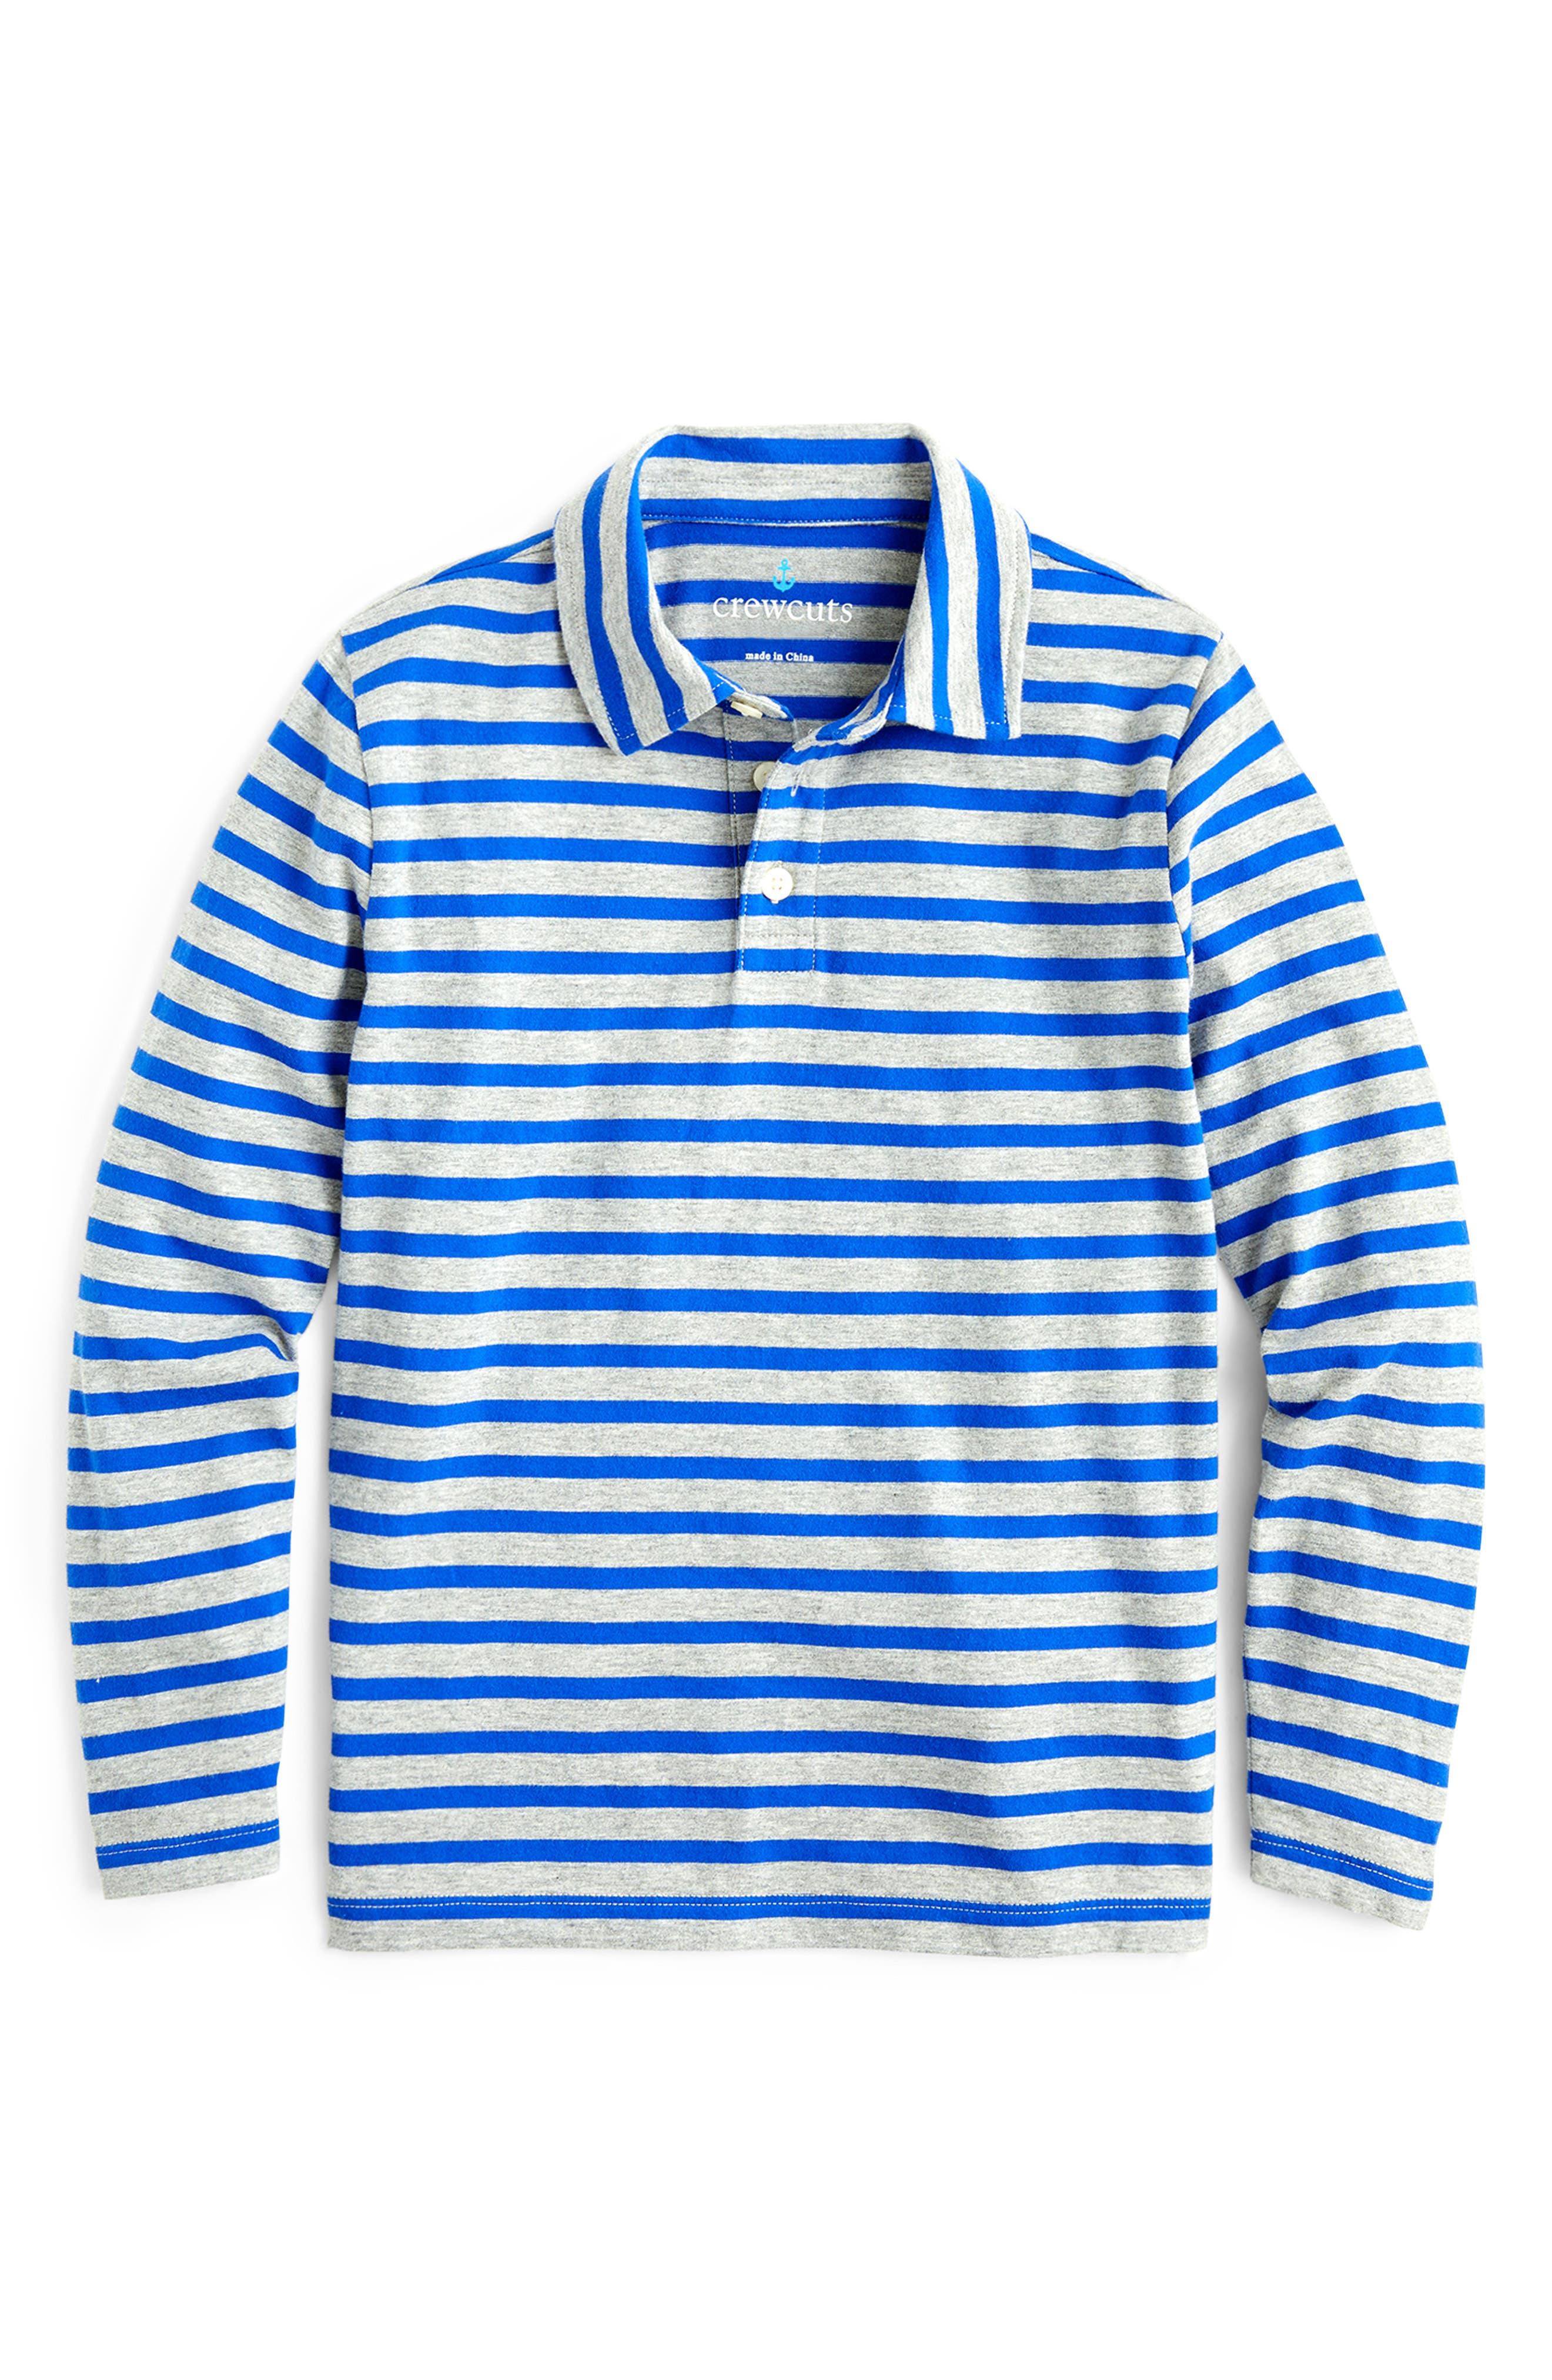 Boys Crewcuts By Jcrew Long Sleeve Stripe Polo Size 14  Blue